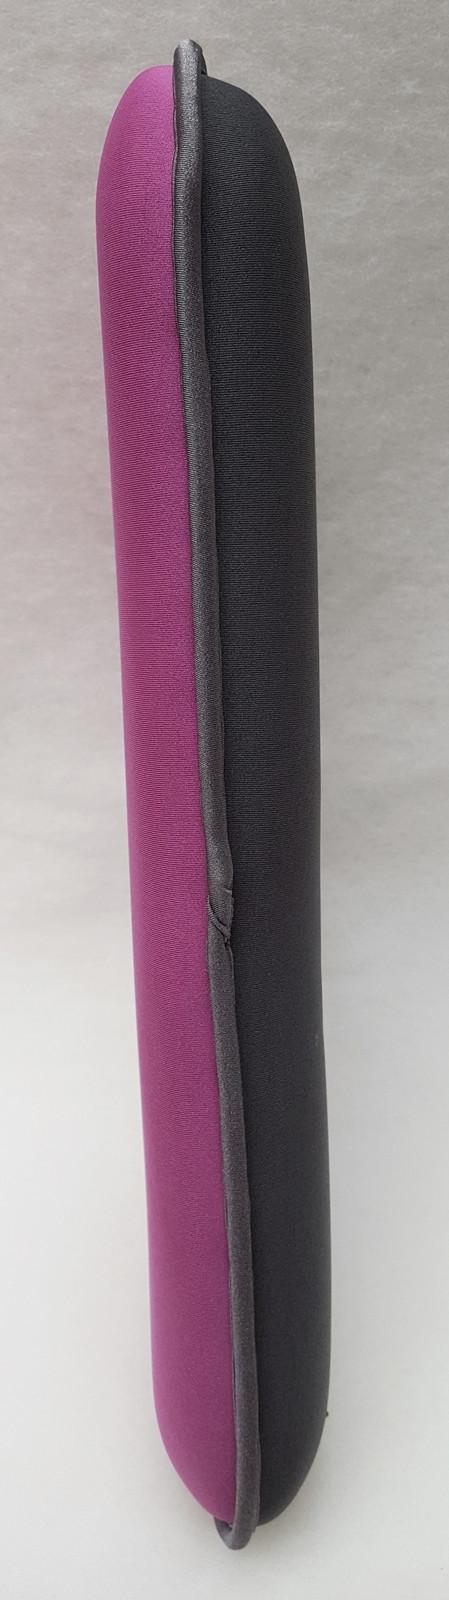 Kniekissen / Sitzkissen Premium pink - mit Memory-Effekt – Bild 2